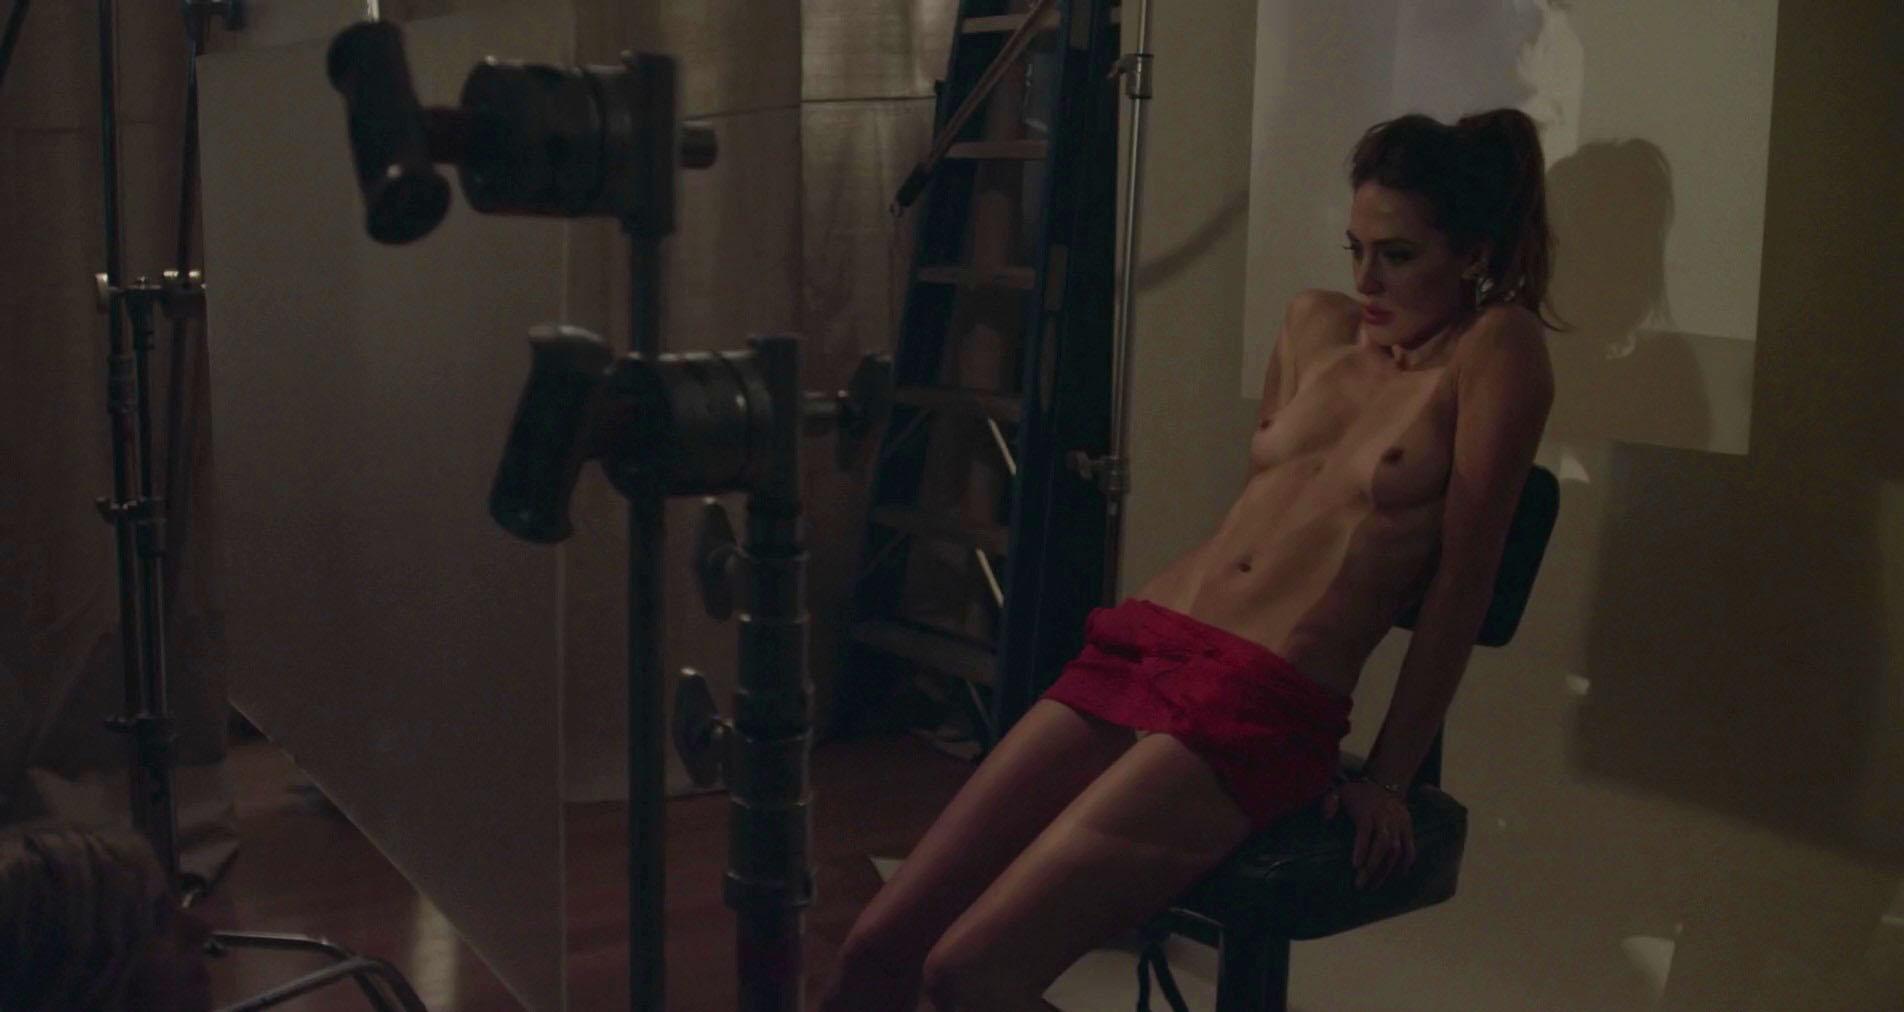 Girl model nude